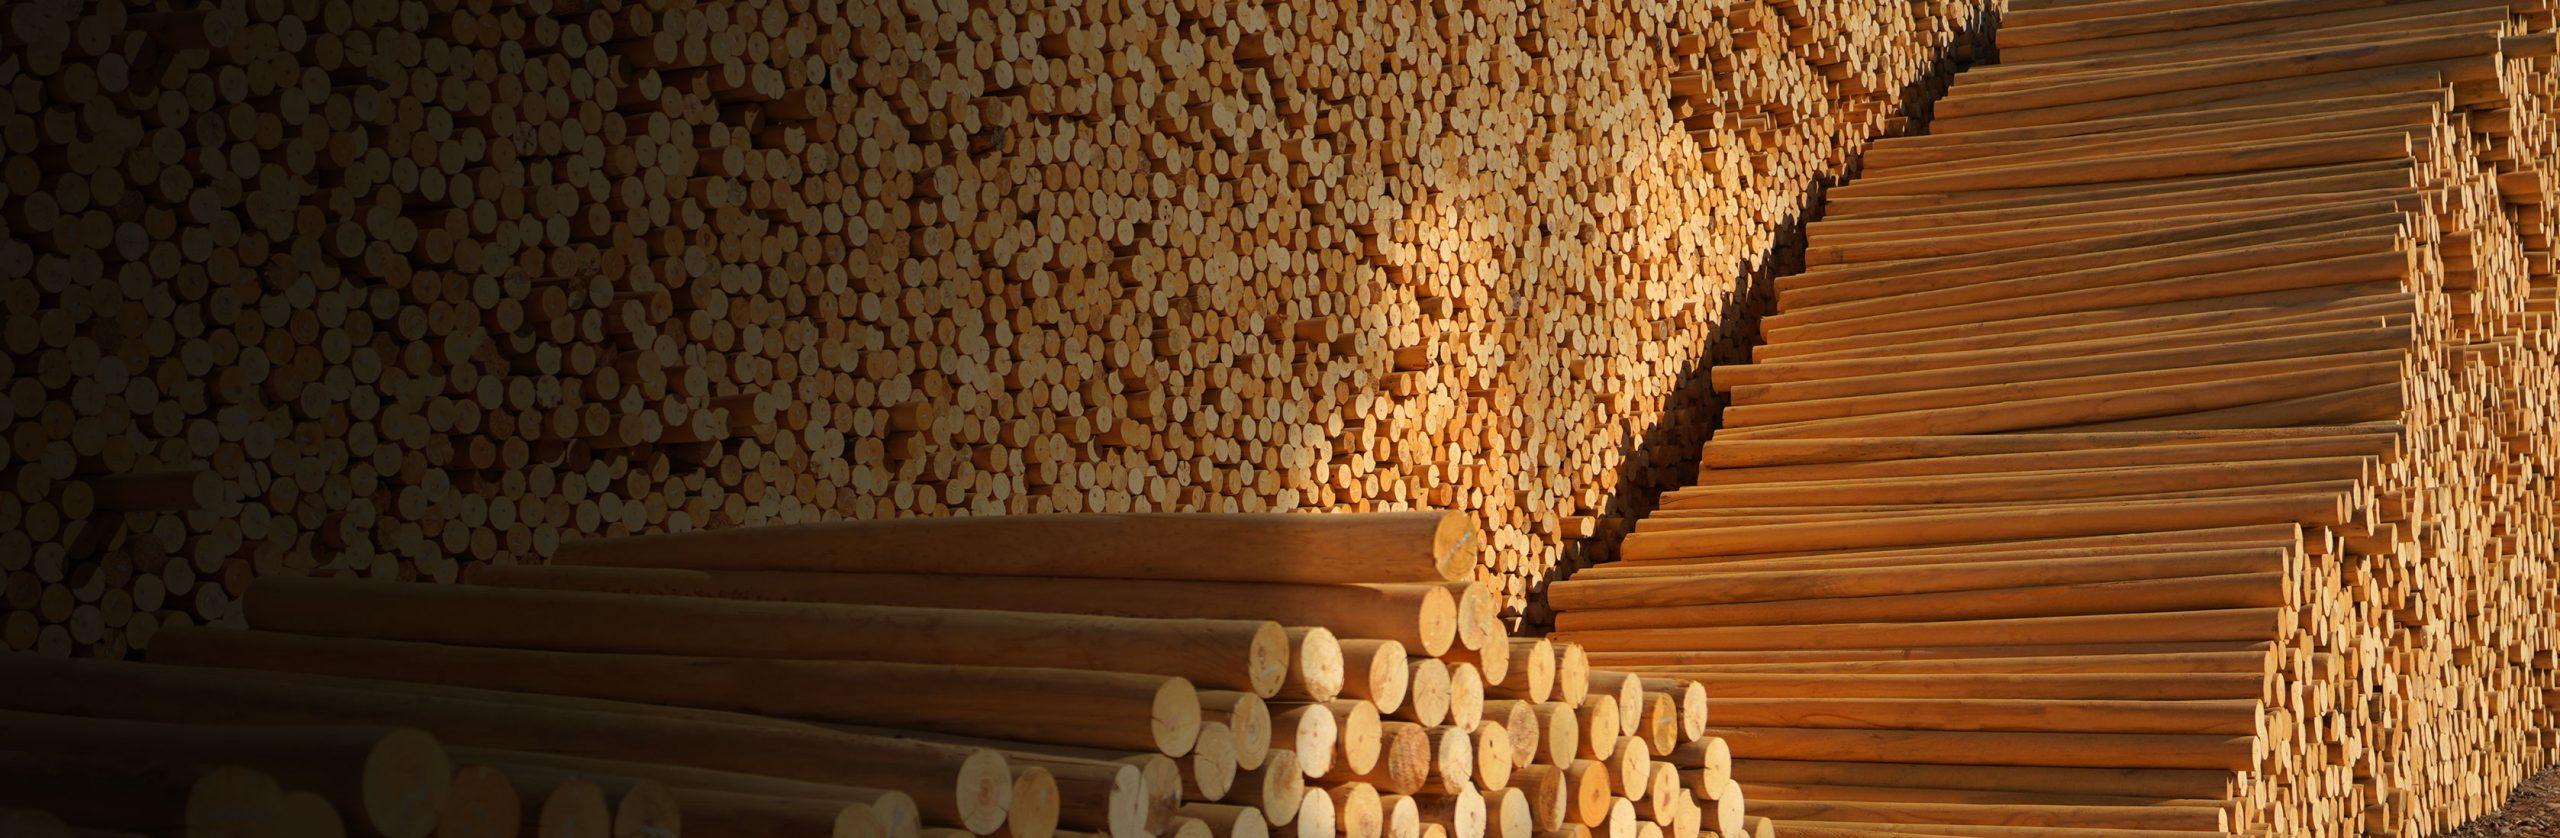 Postes de madera rio claro